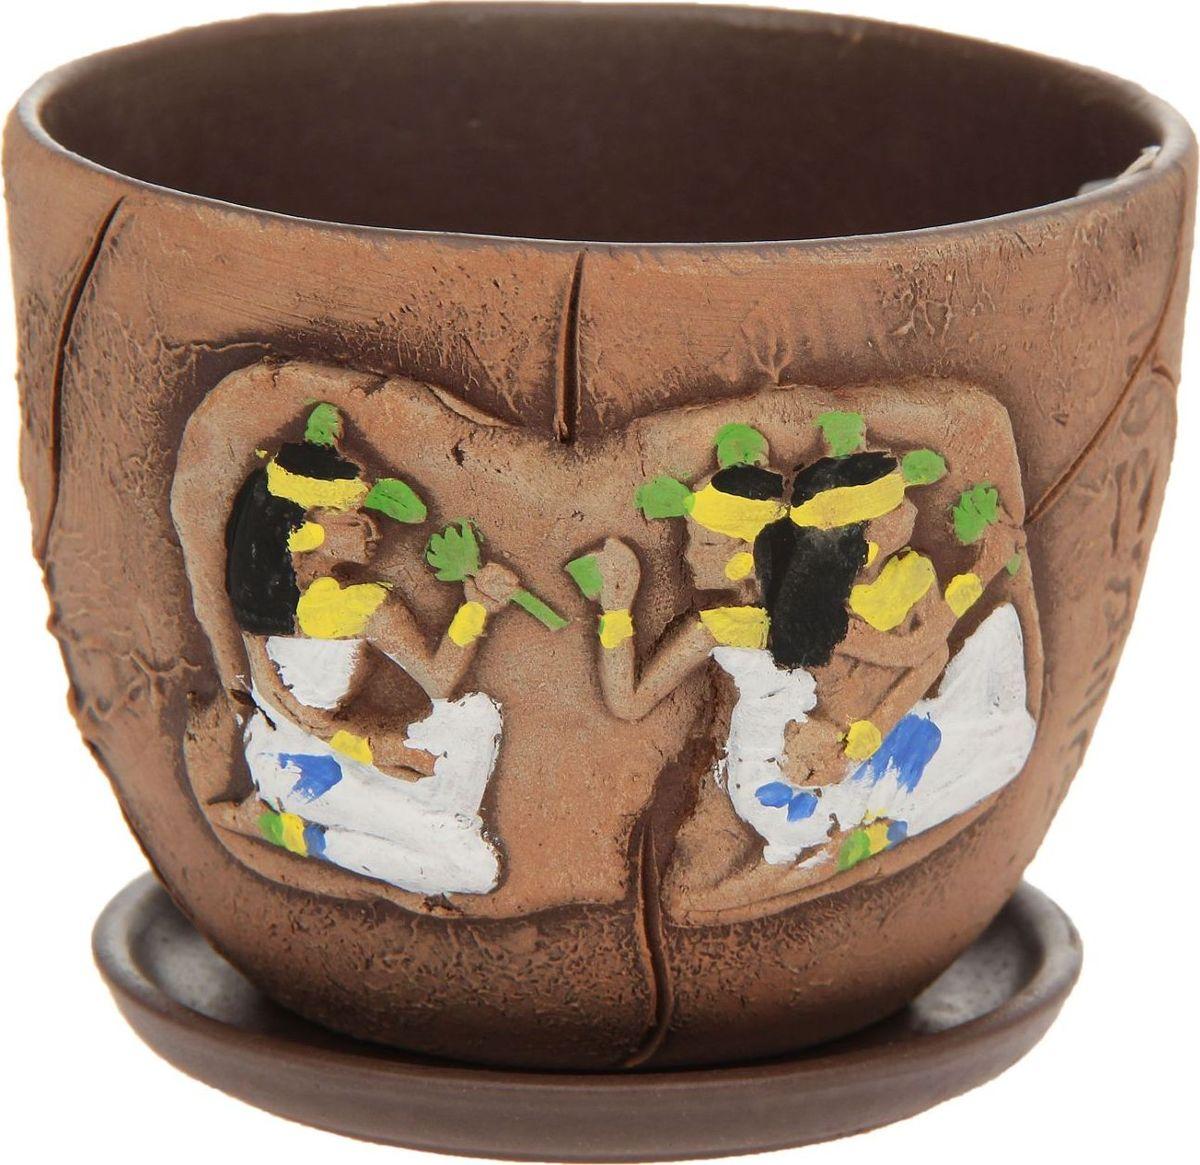 Кашпо Боги, 0,6 л1138534Комнатные растения — всеобщие любимцы. Они радуют глаз, насыщают помещение кислородом и украшают пространство. Каждому из них необходим свой удобный и красивый дом. Кашпо из керамики прекрасно подходят для высадки растений: за счёт пластичности глины и разных способов обработки существует великое множество форм и дизайновпористый материал позволяет испаряться лишней влагевоздух, необходимый для дыхания корней, проникает сквозь керамические стенки! #name# позаботится о зелёном питомце, освежит интерьер и подчеркнёт его стиль.